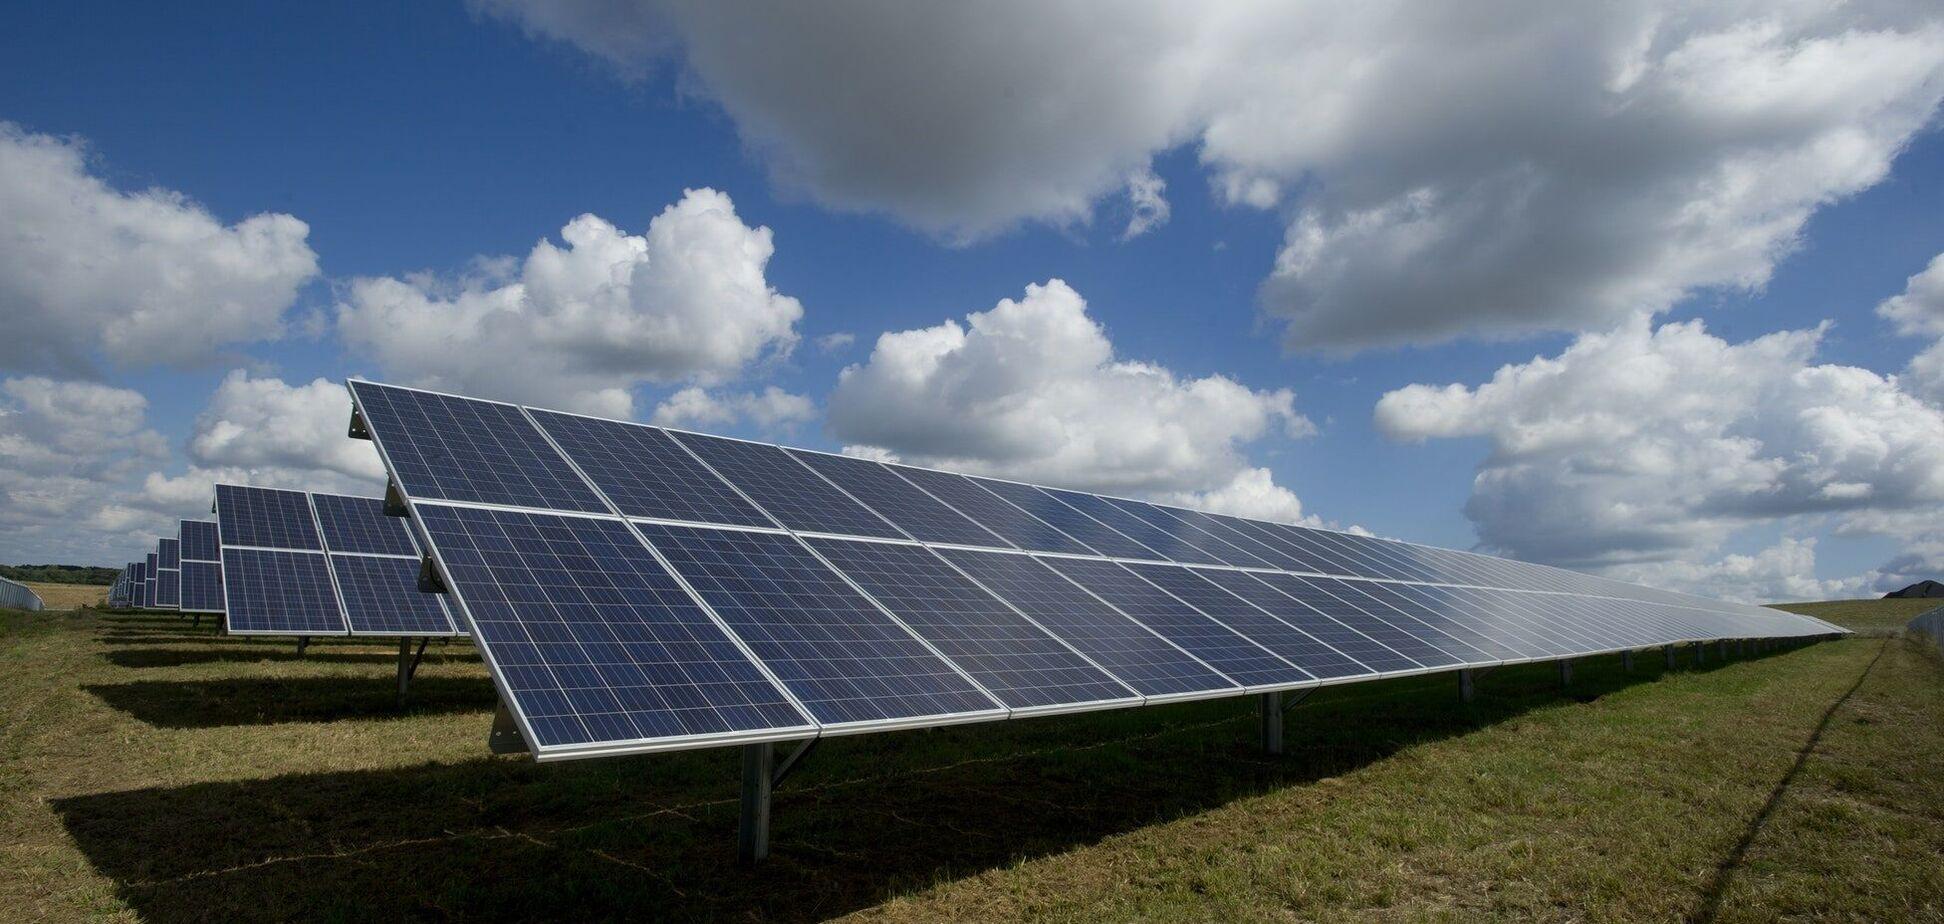 НКРЕКП поставила під загрозу 'зелену' енергетику